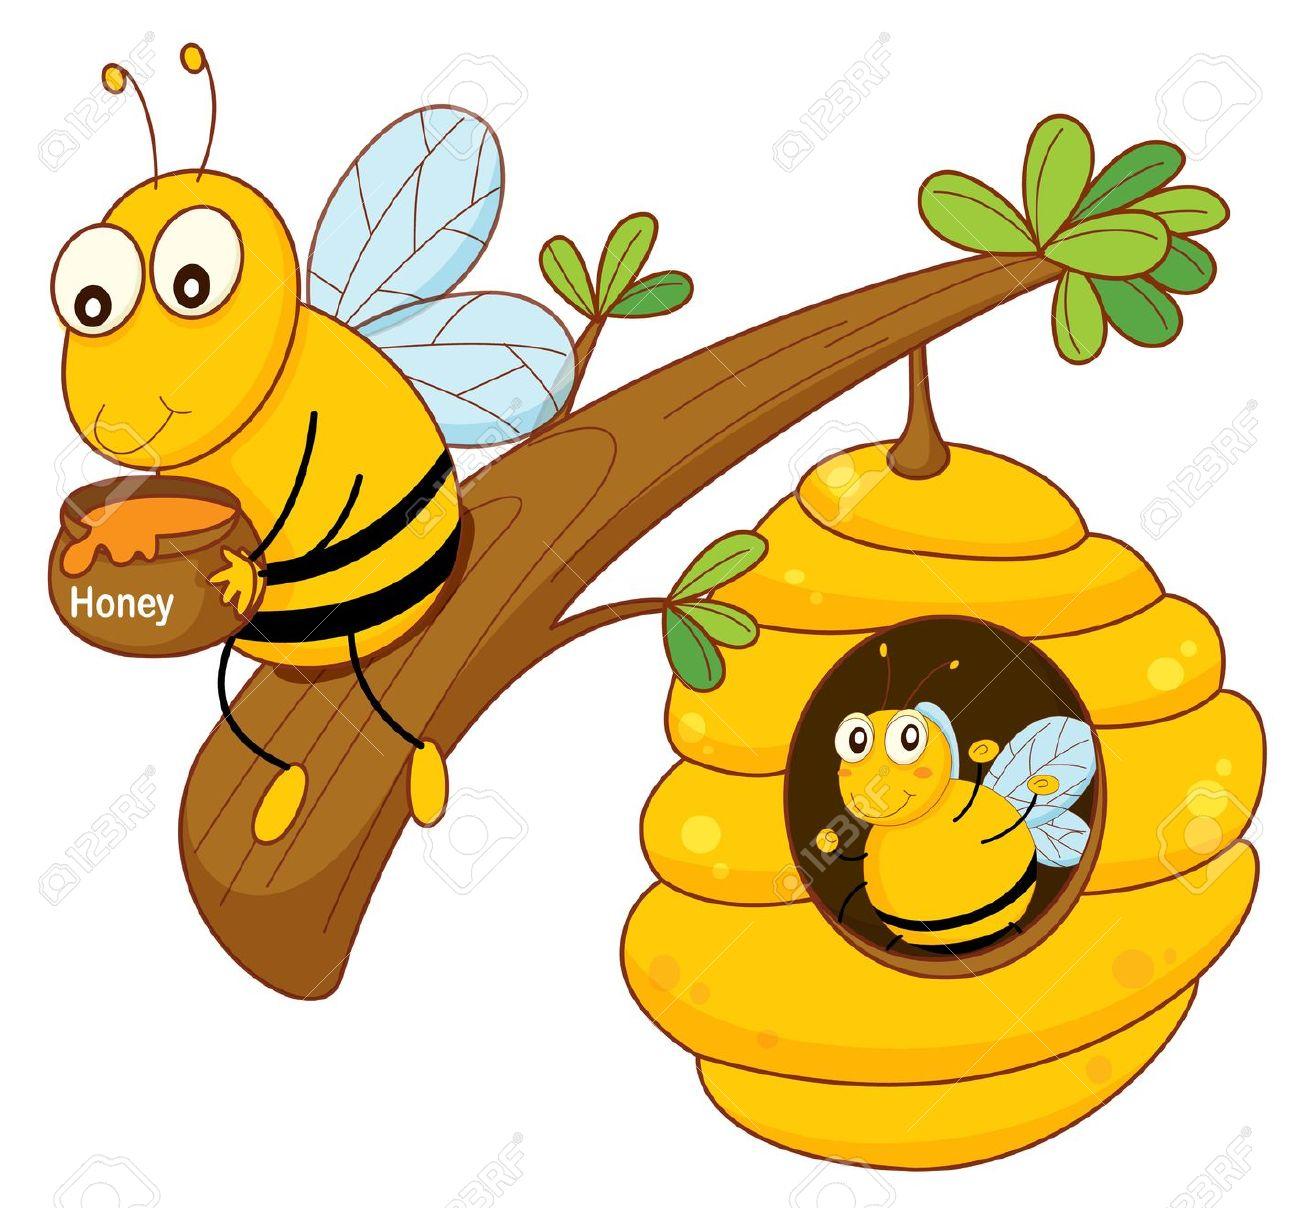 1300x1208 Honey Bee Drawing Cartoon Honey Clipart Animated